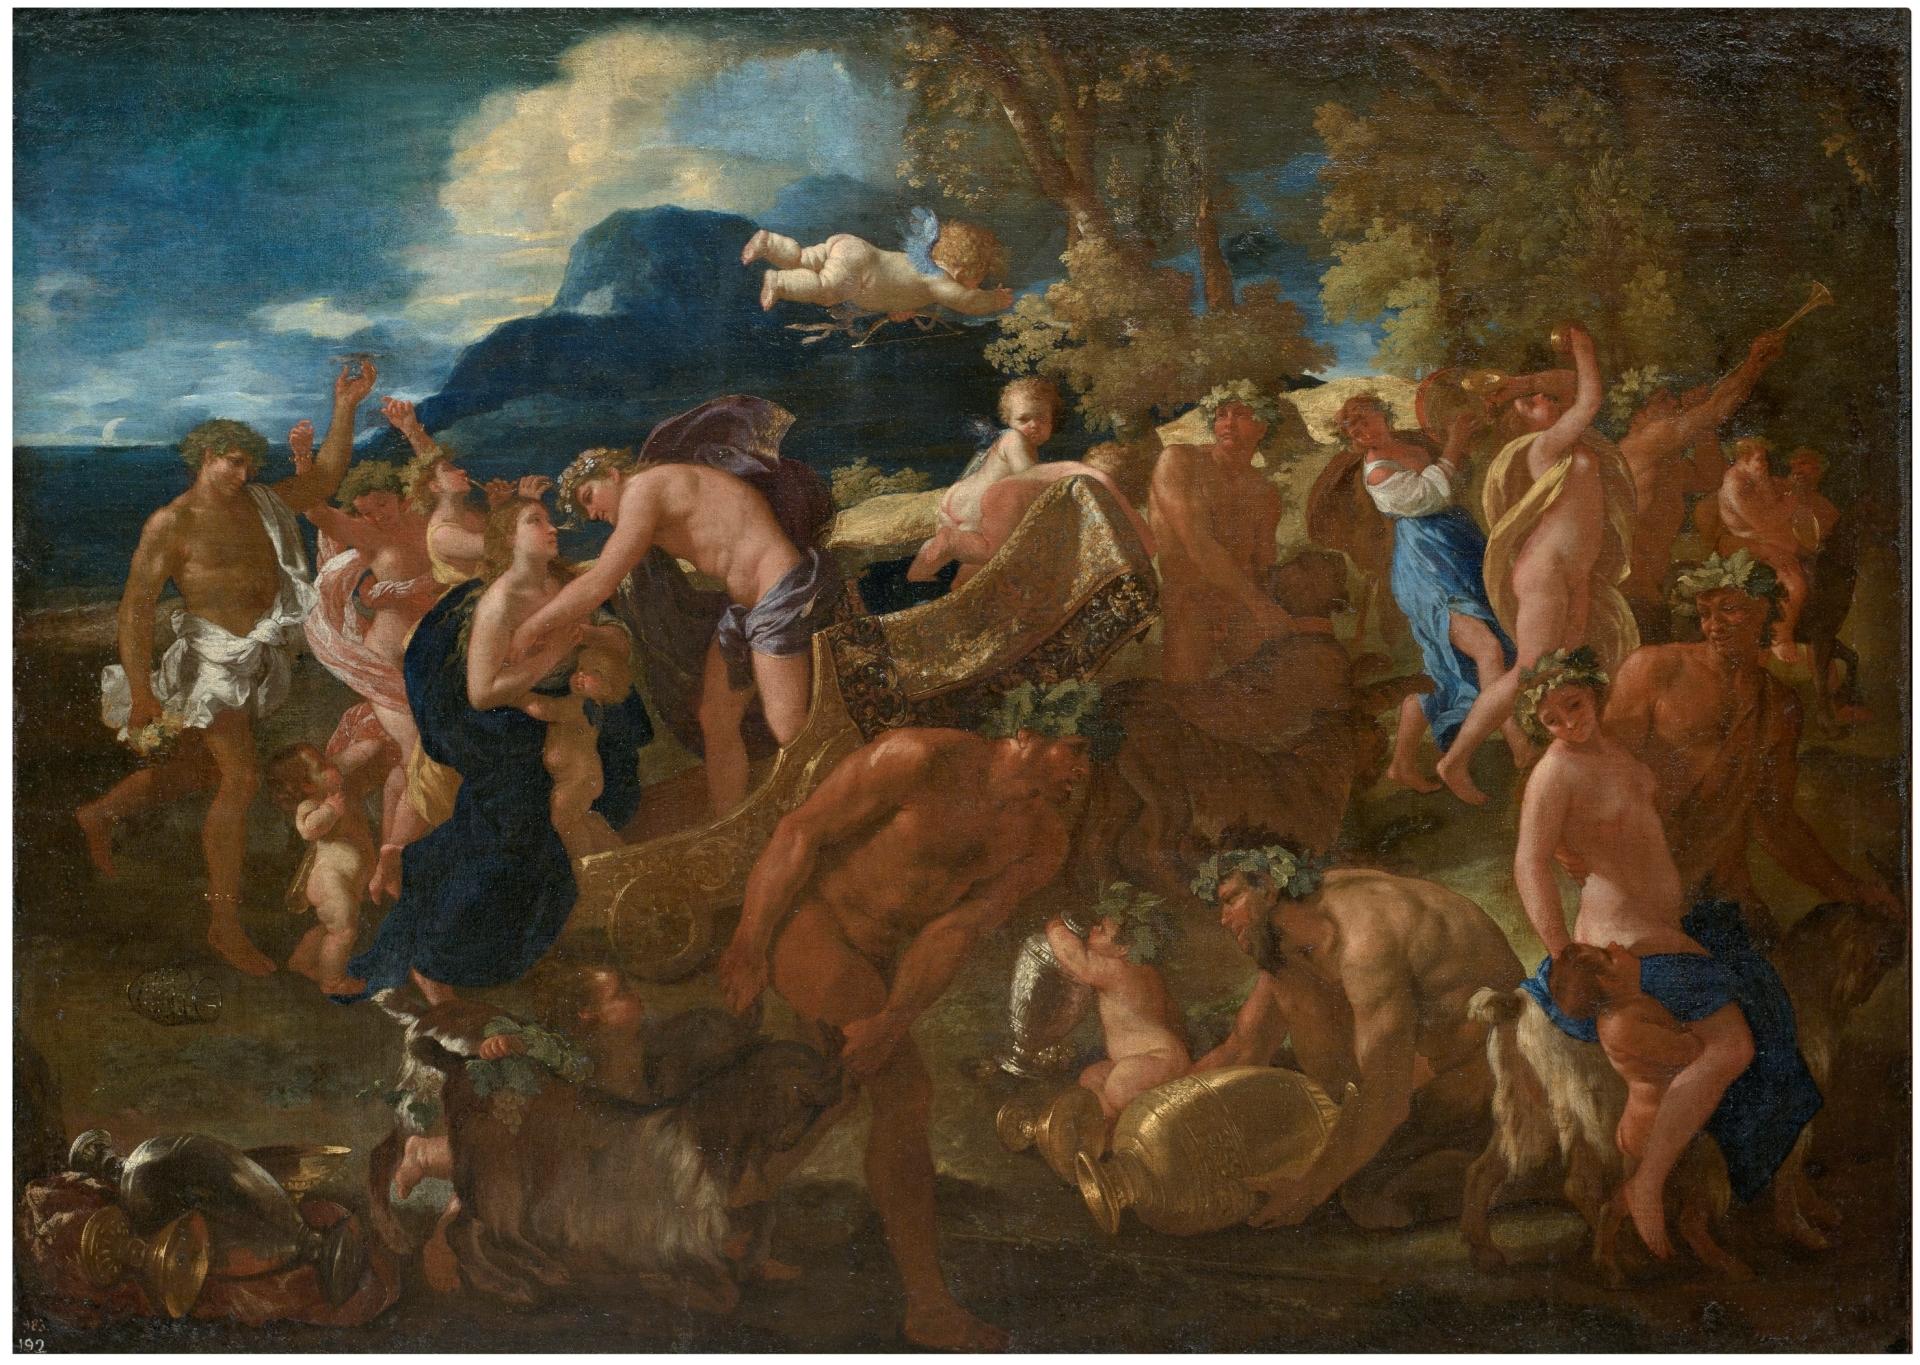 普桑,《酒神与阿里阿德涅》,1625-1626,西班牙普拉多博物馆藏